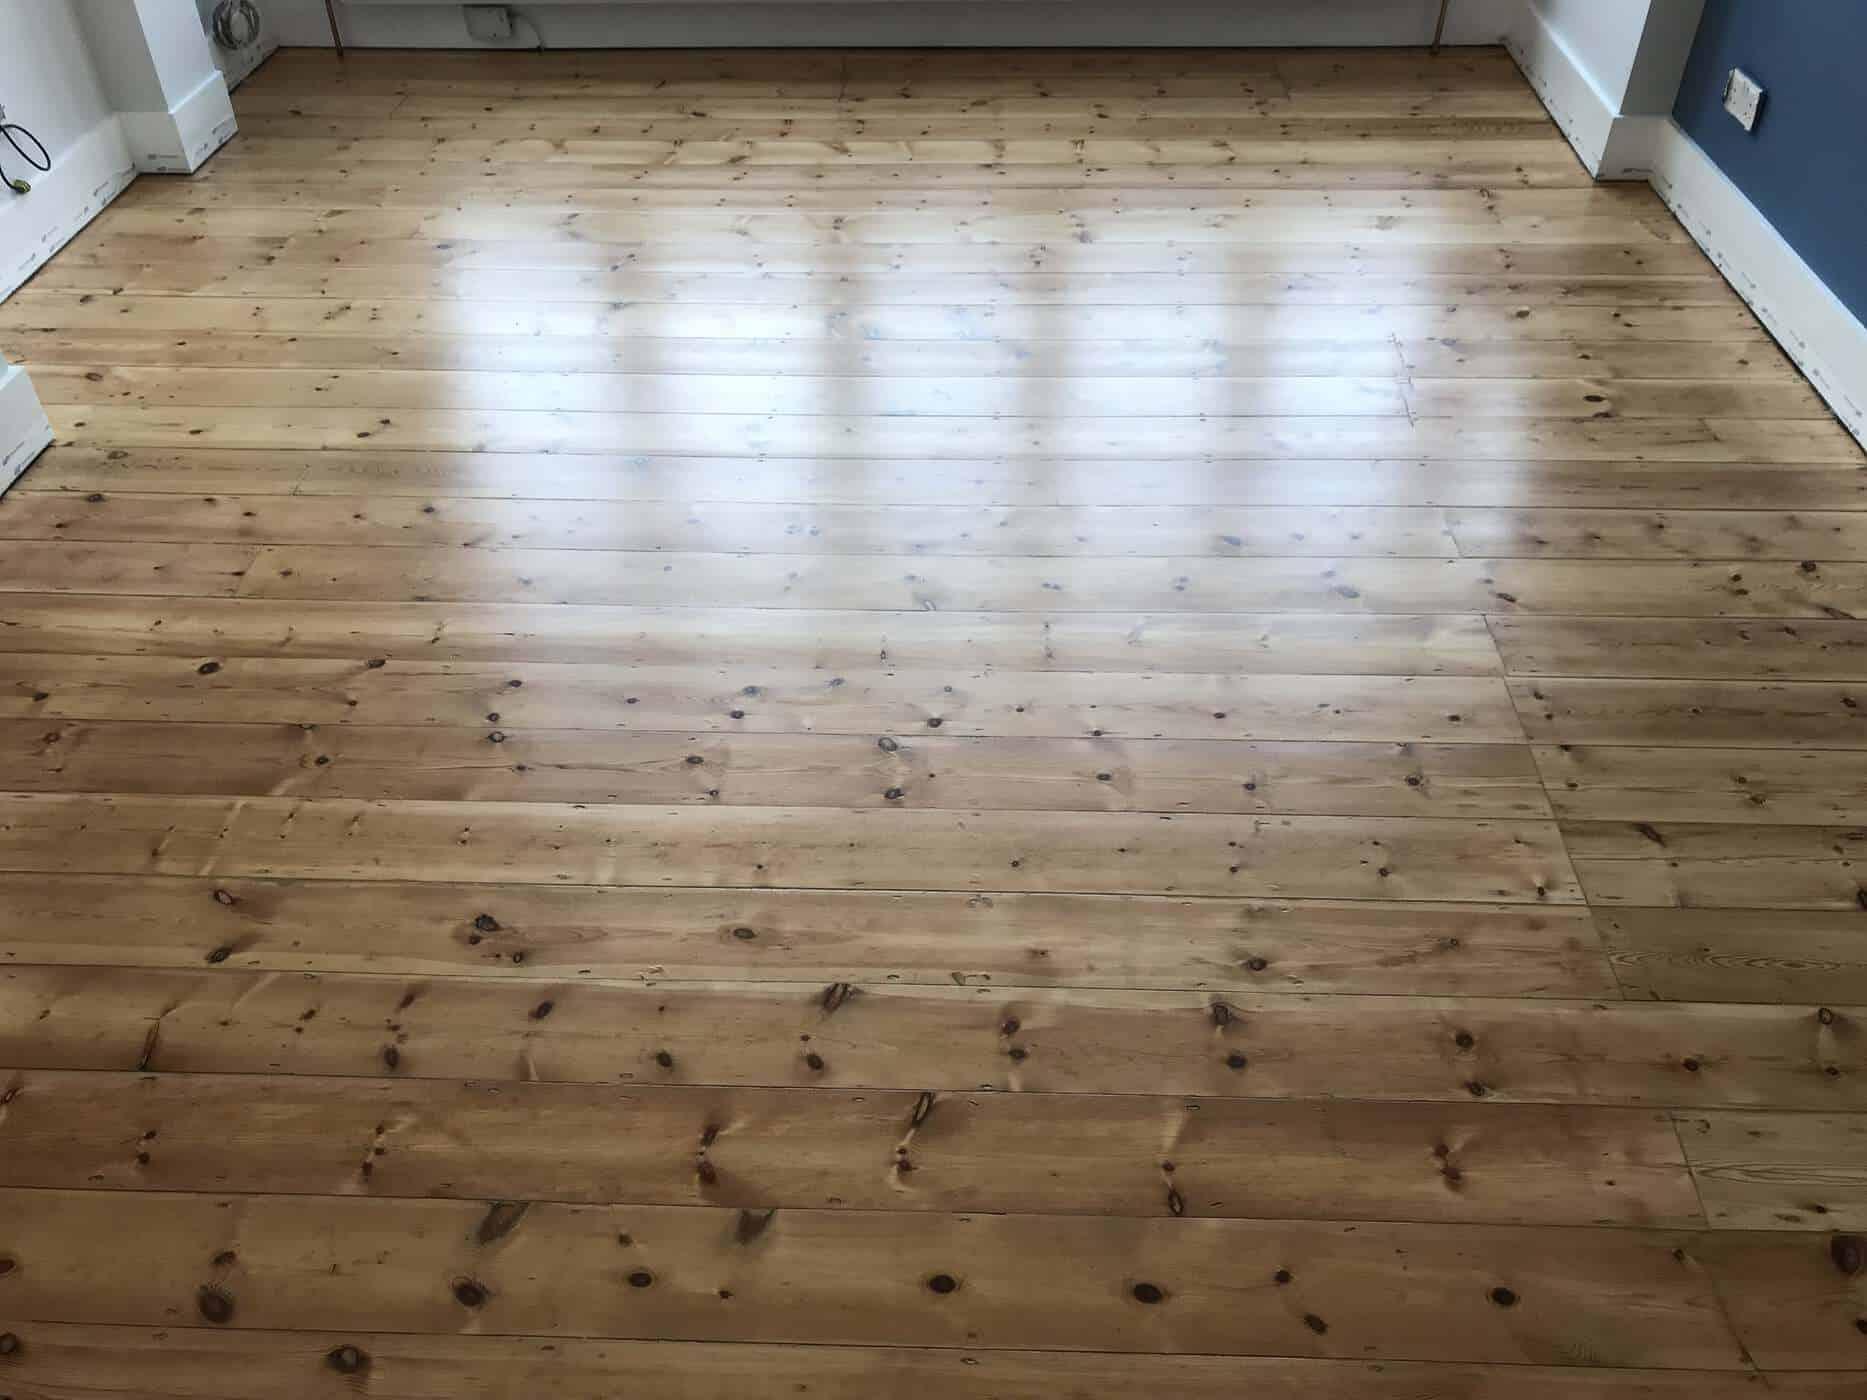 Eltham-Floor-Sanding-Services-After